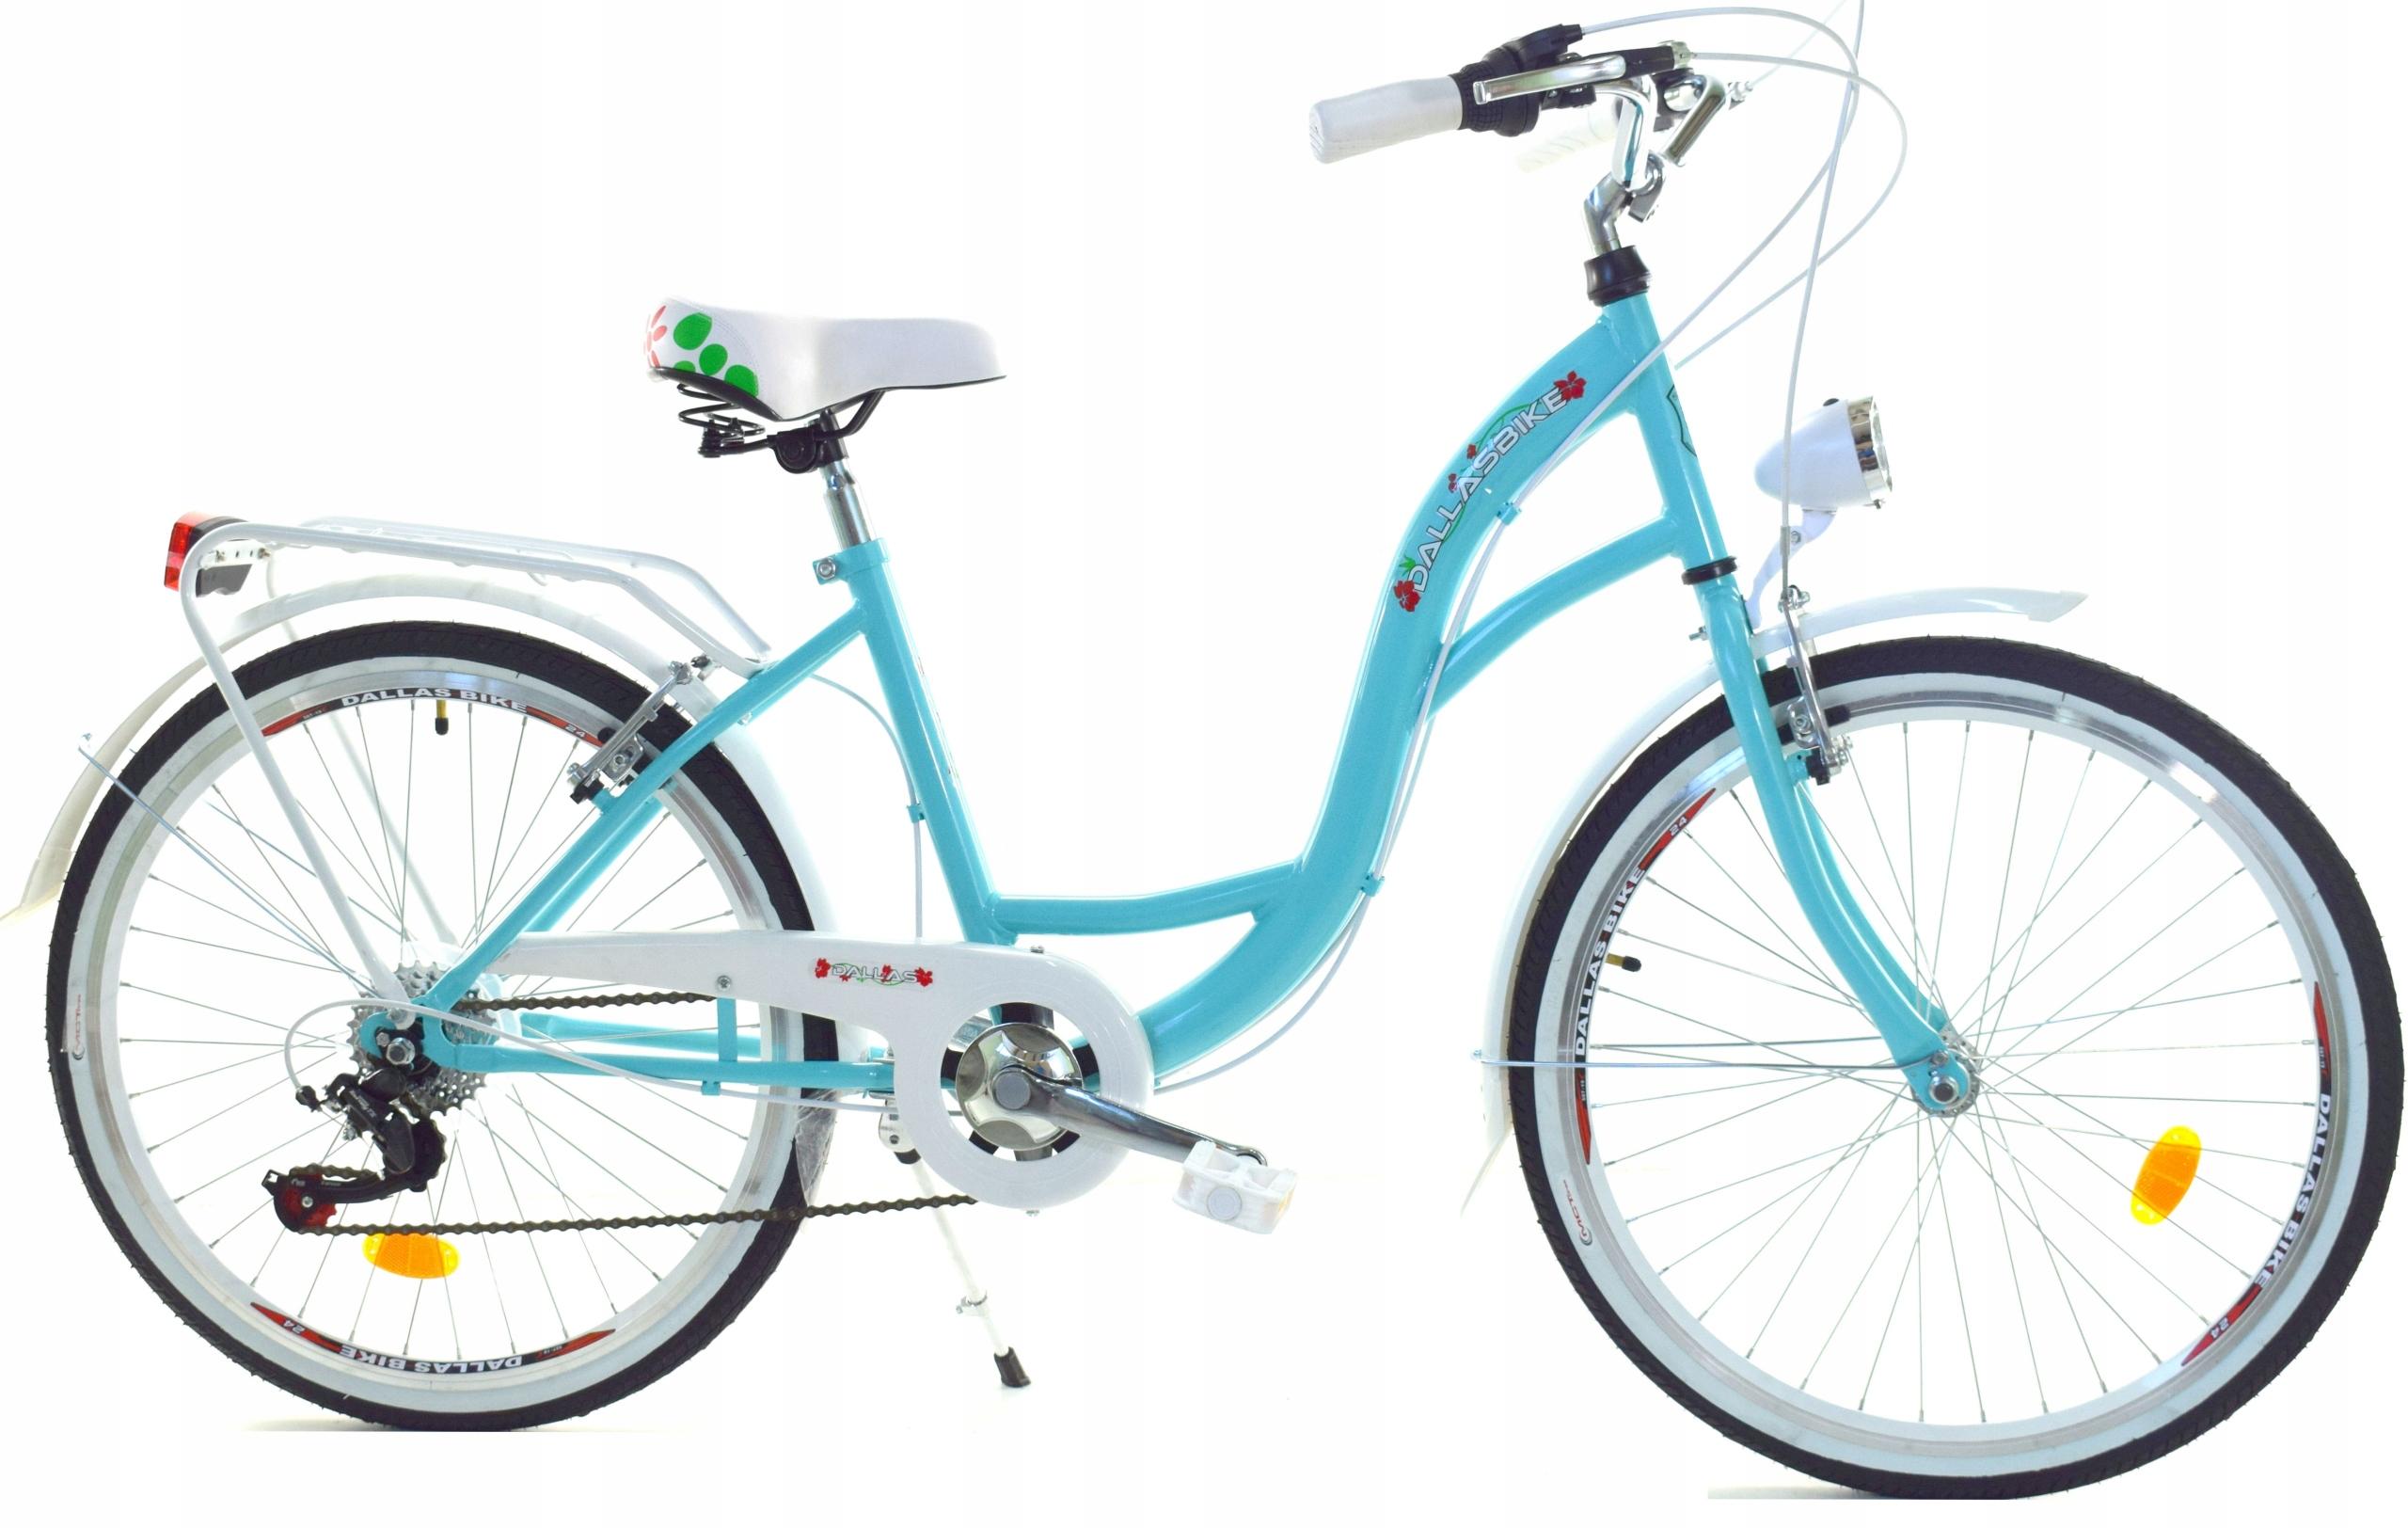 Bicykel pre dievča 26 prevodových stupňov Dallas na prijímanie Rok výroby 2021